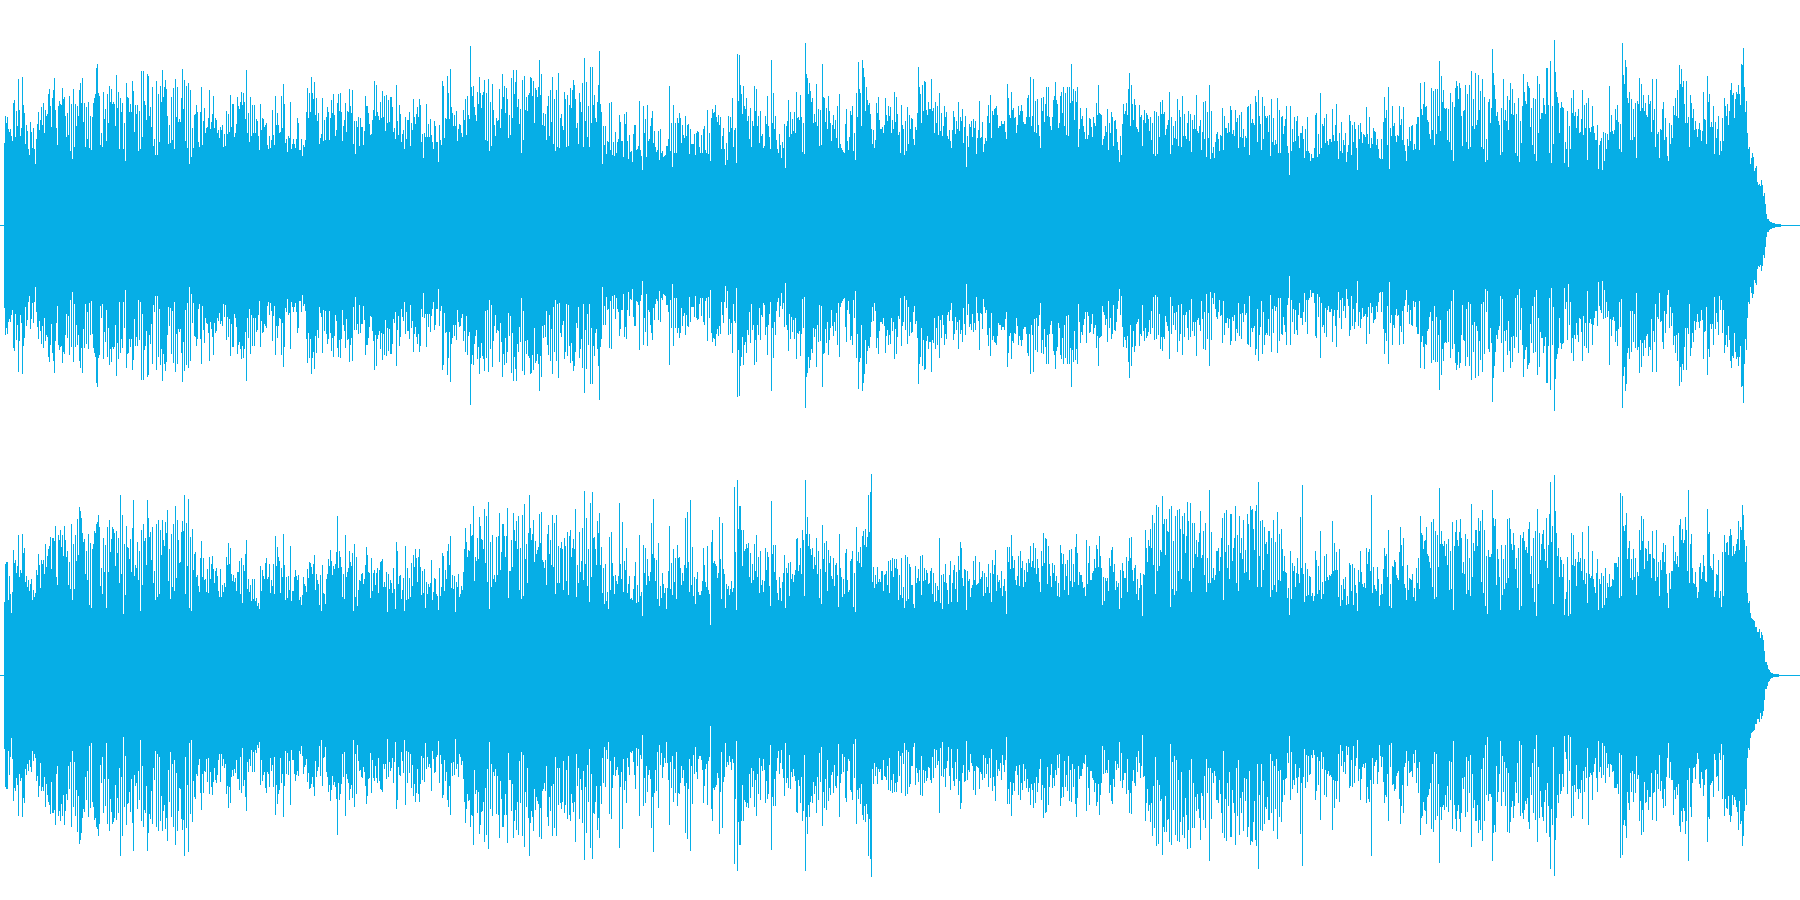 スキップしたくなるシンセのポップ曲の再生済みの波形